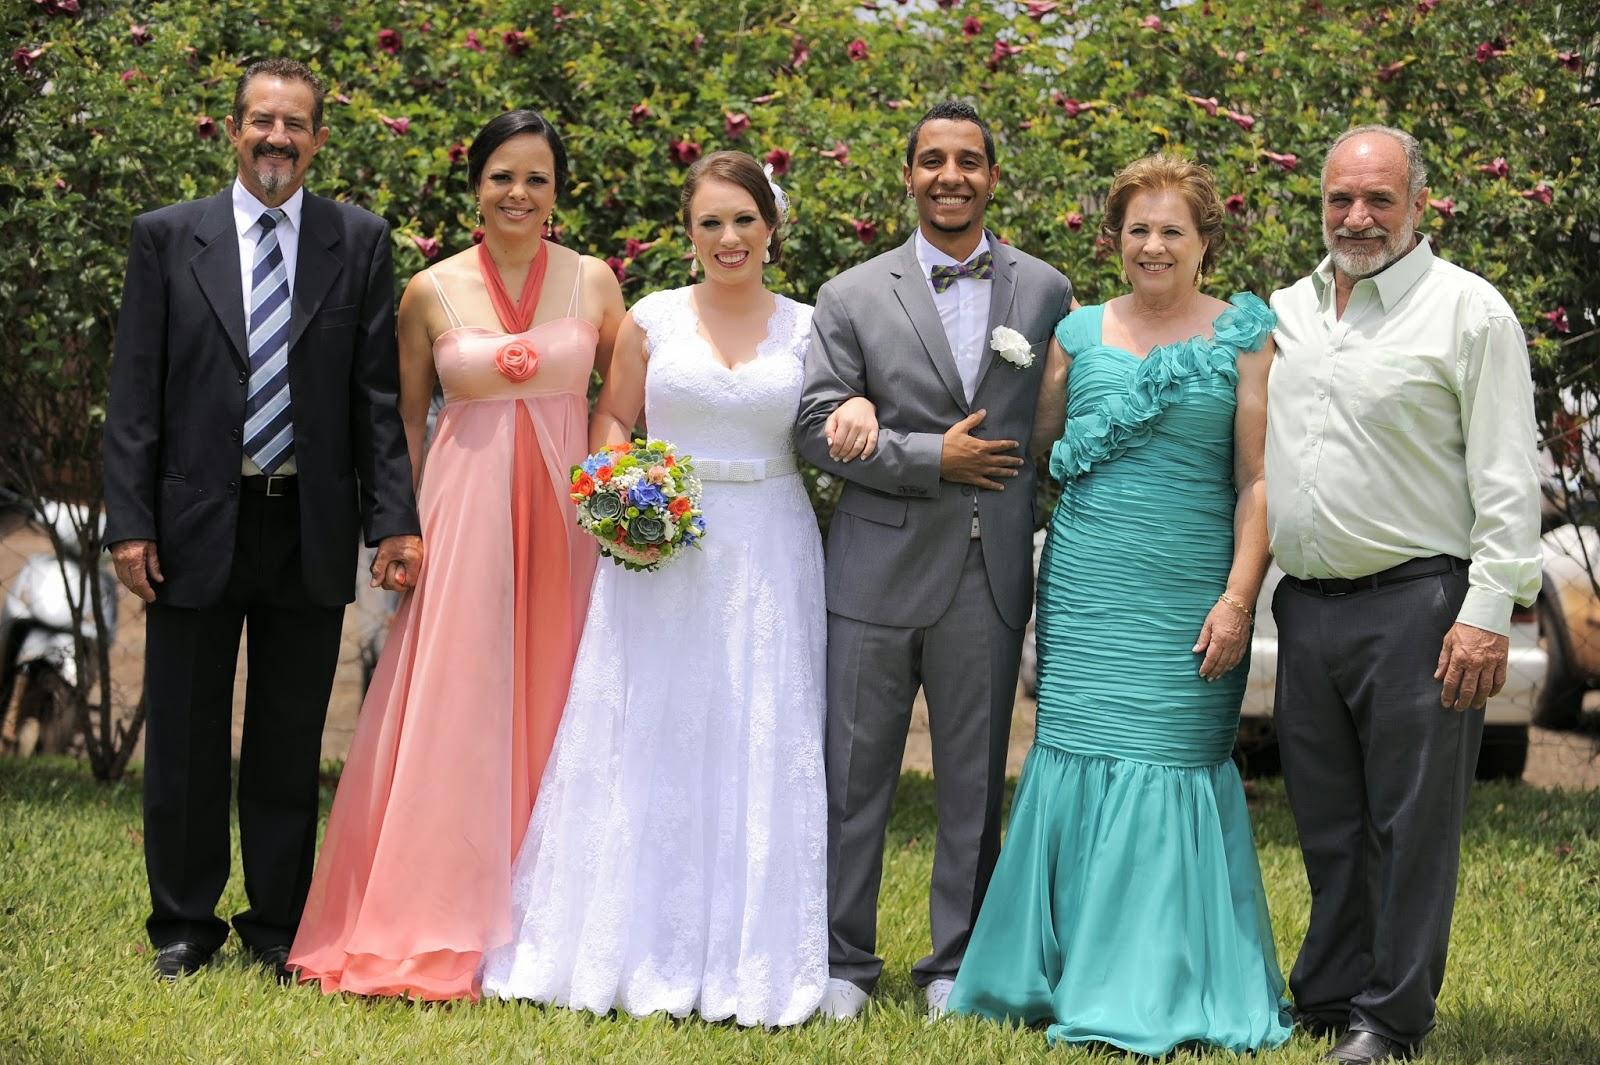 fotos-familia-casamento-dia-azul-amarelo